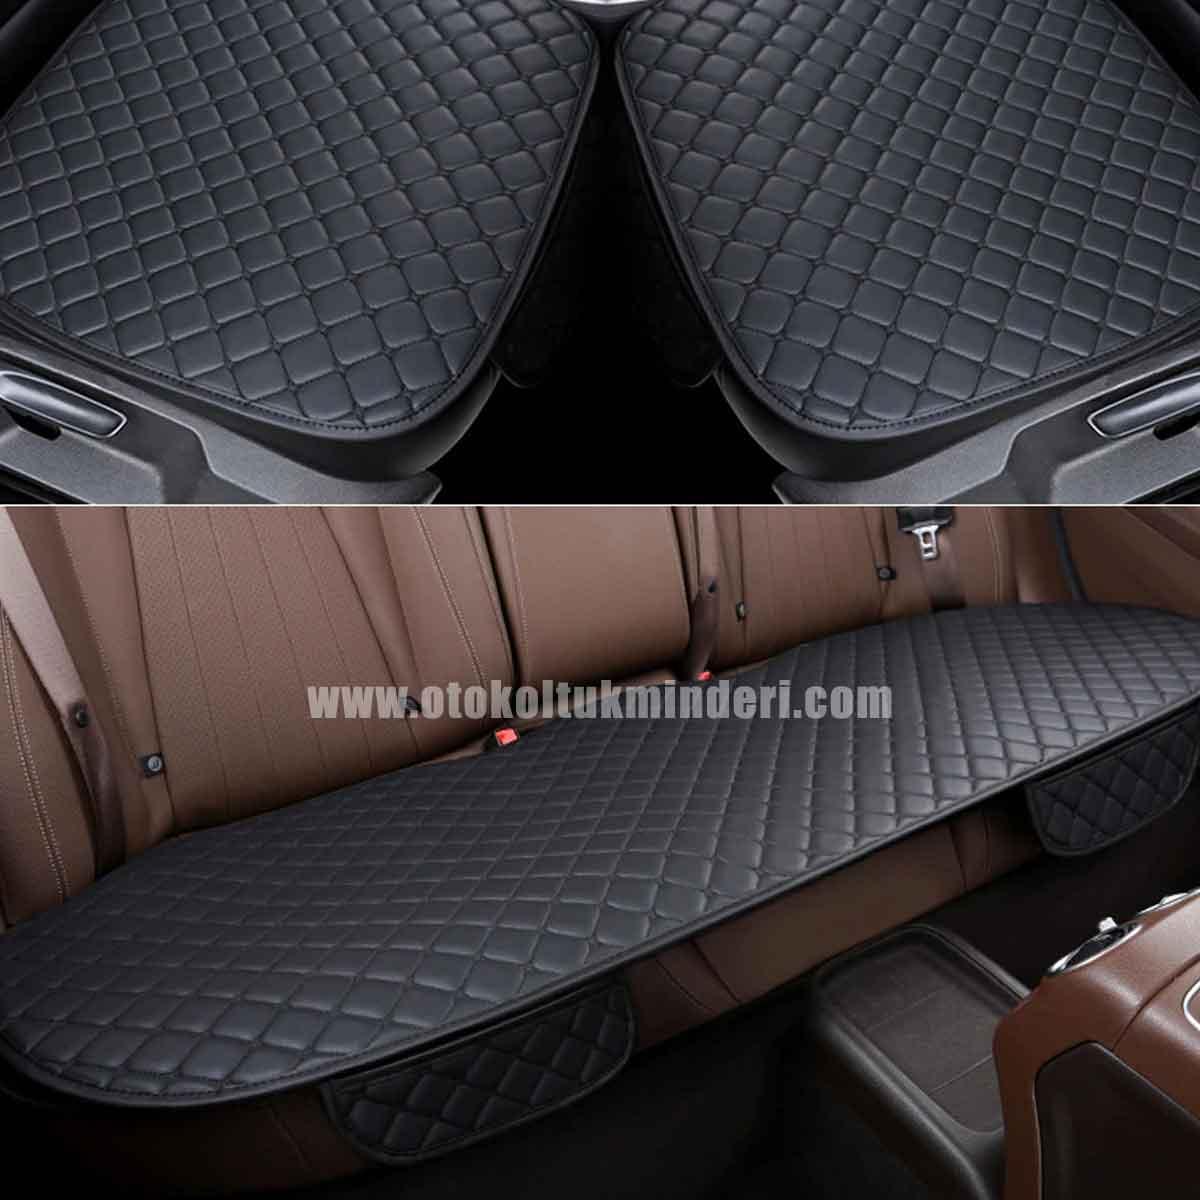 Honda koltuk kılıfı deri - Honda Koltuk minderi Siyah Deri Cepli